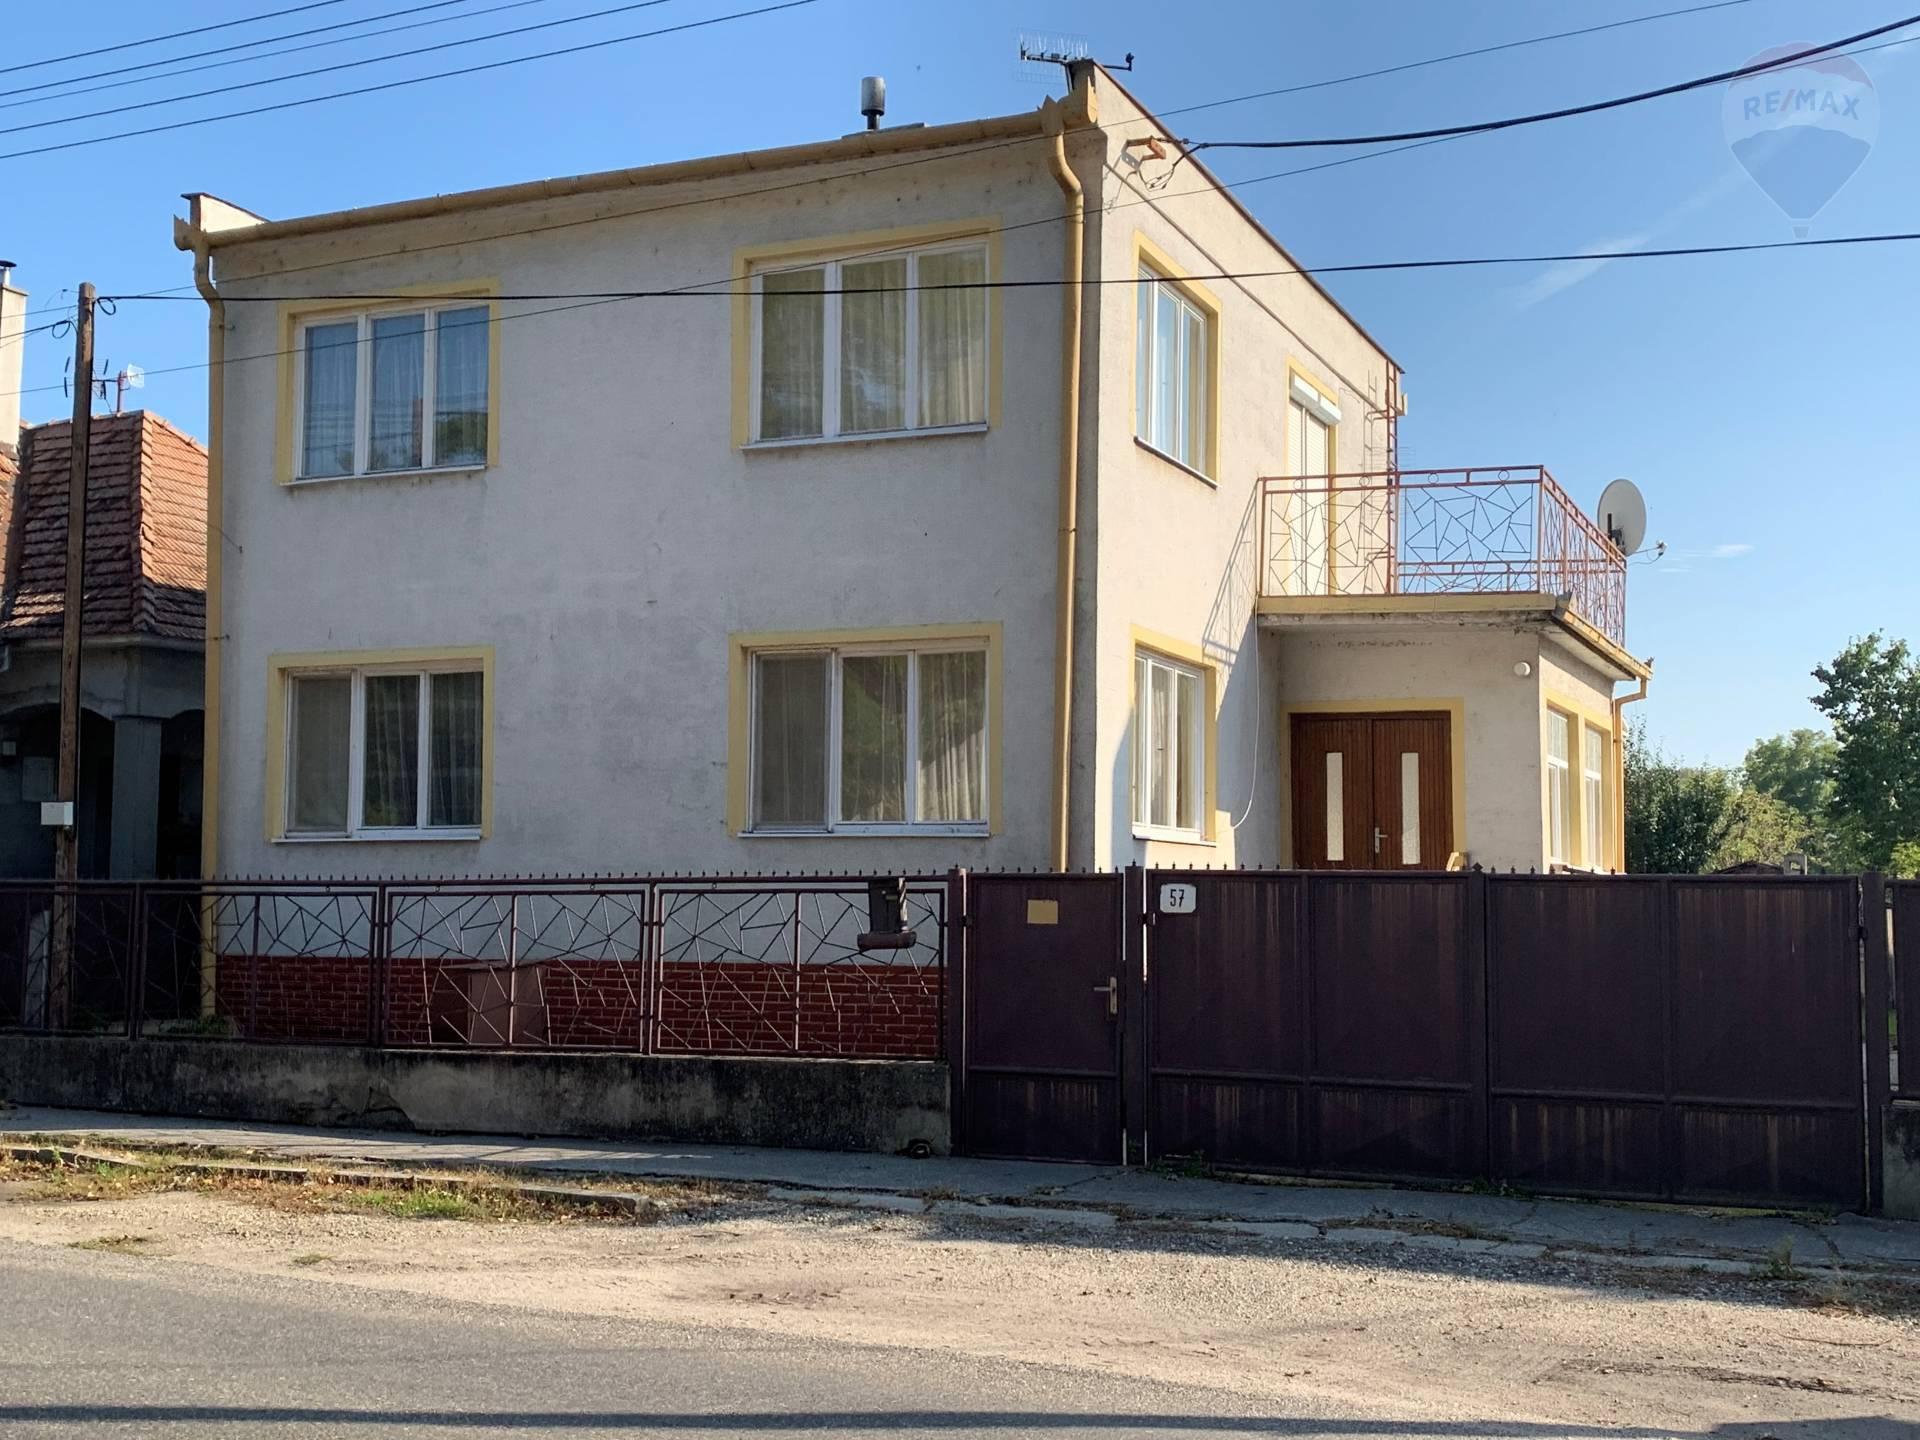 Predaj: Rodinný dom, Lesné Kračany, 739 m2 pozemok, 5 izieb, pôvodný stav